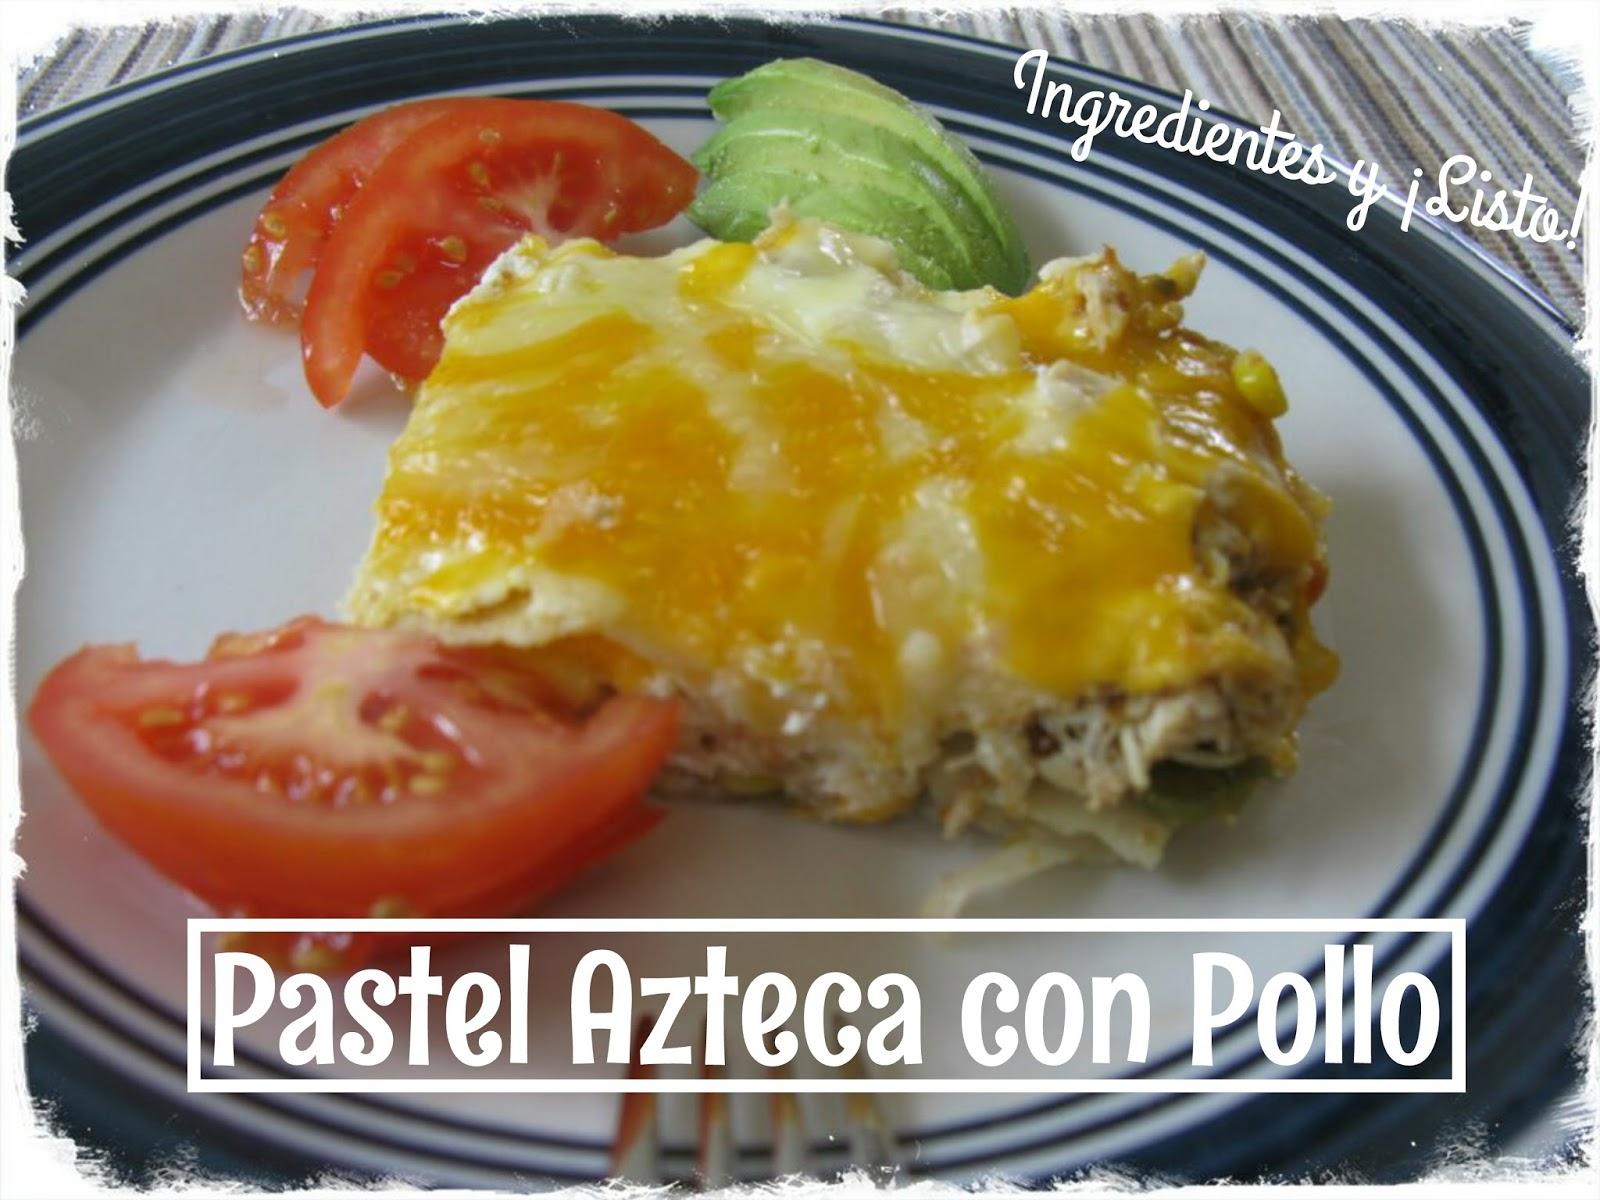 Ingredientes Y Listo Pastel Azteca Con Pollo